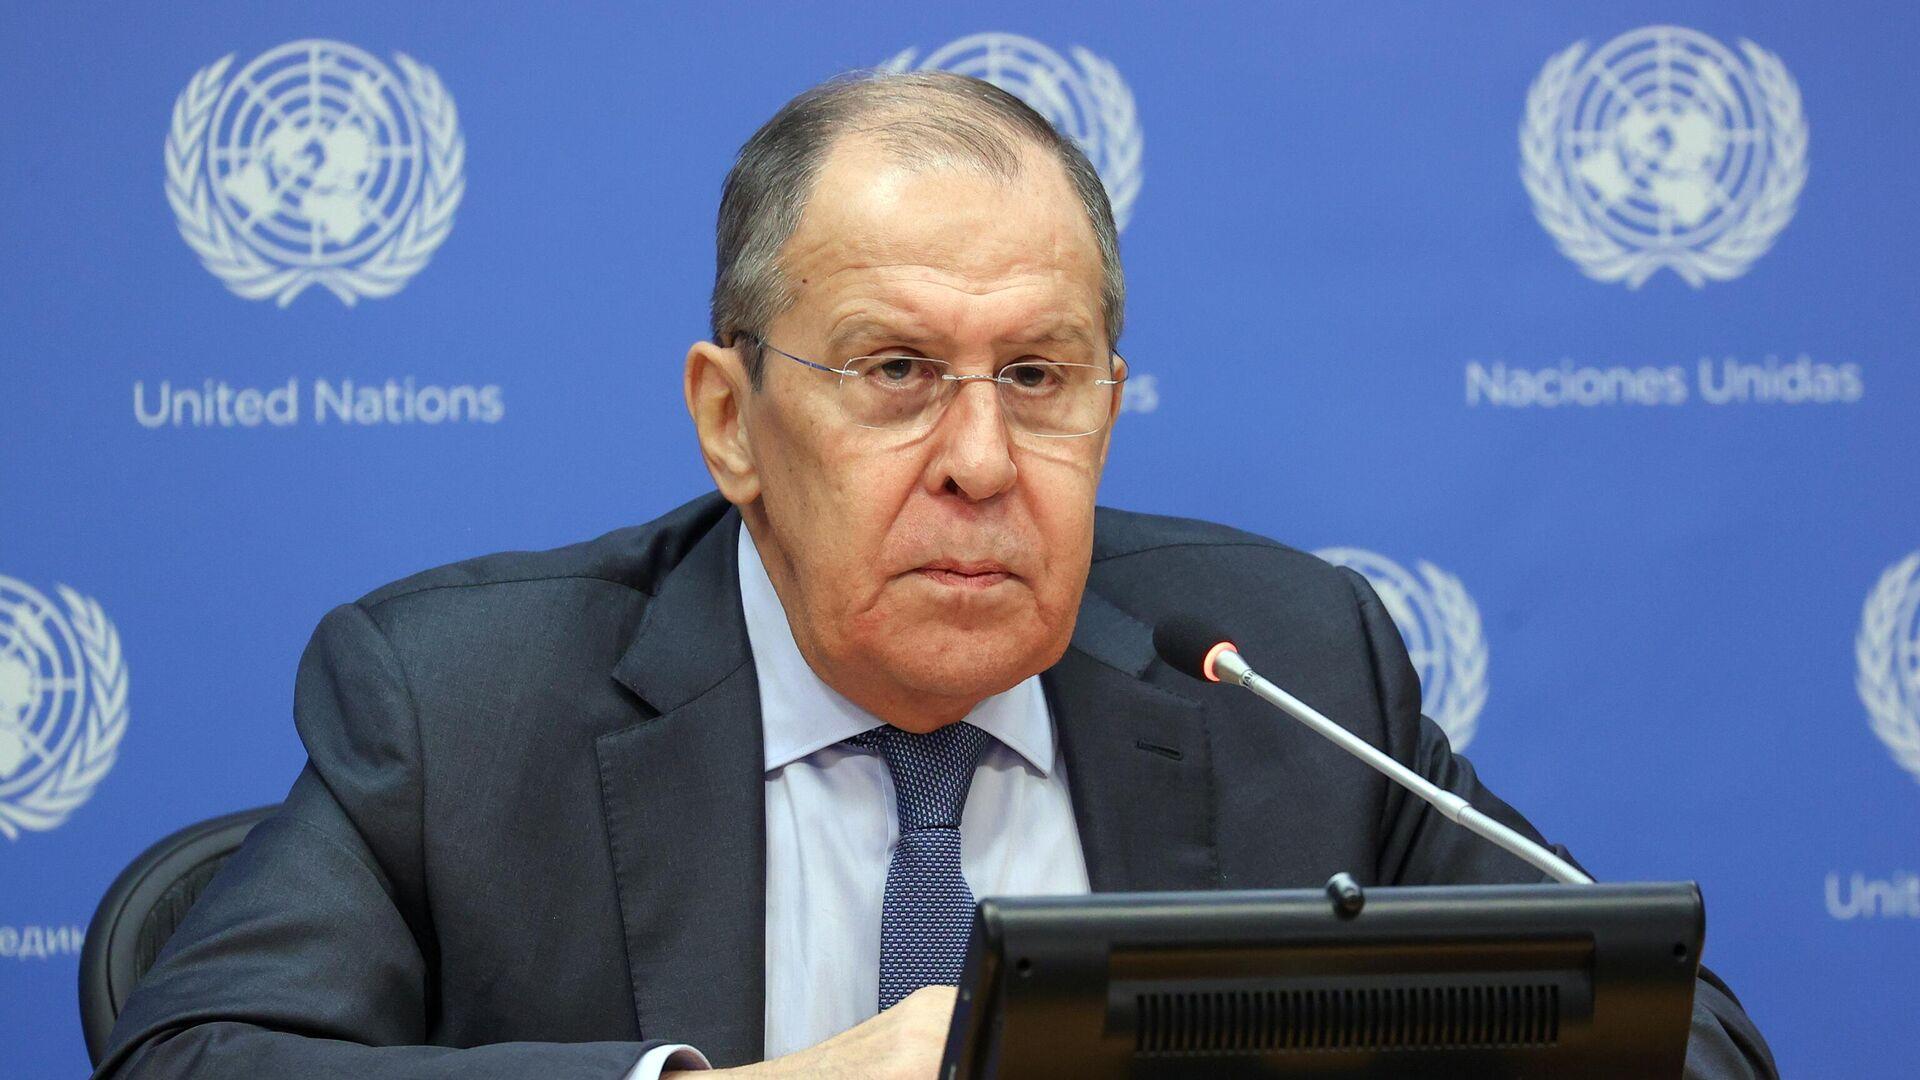 Chef de la diplomatie russe Sergueï Lavrov au siège de l'Onu à New-York - Sputnik France, 1920, 25.09.2021